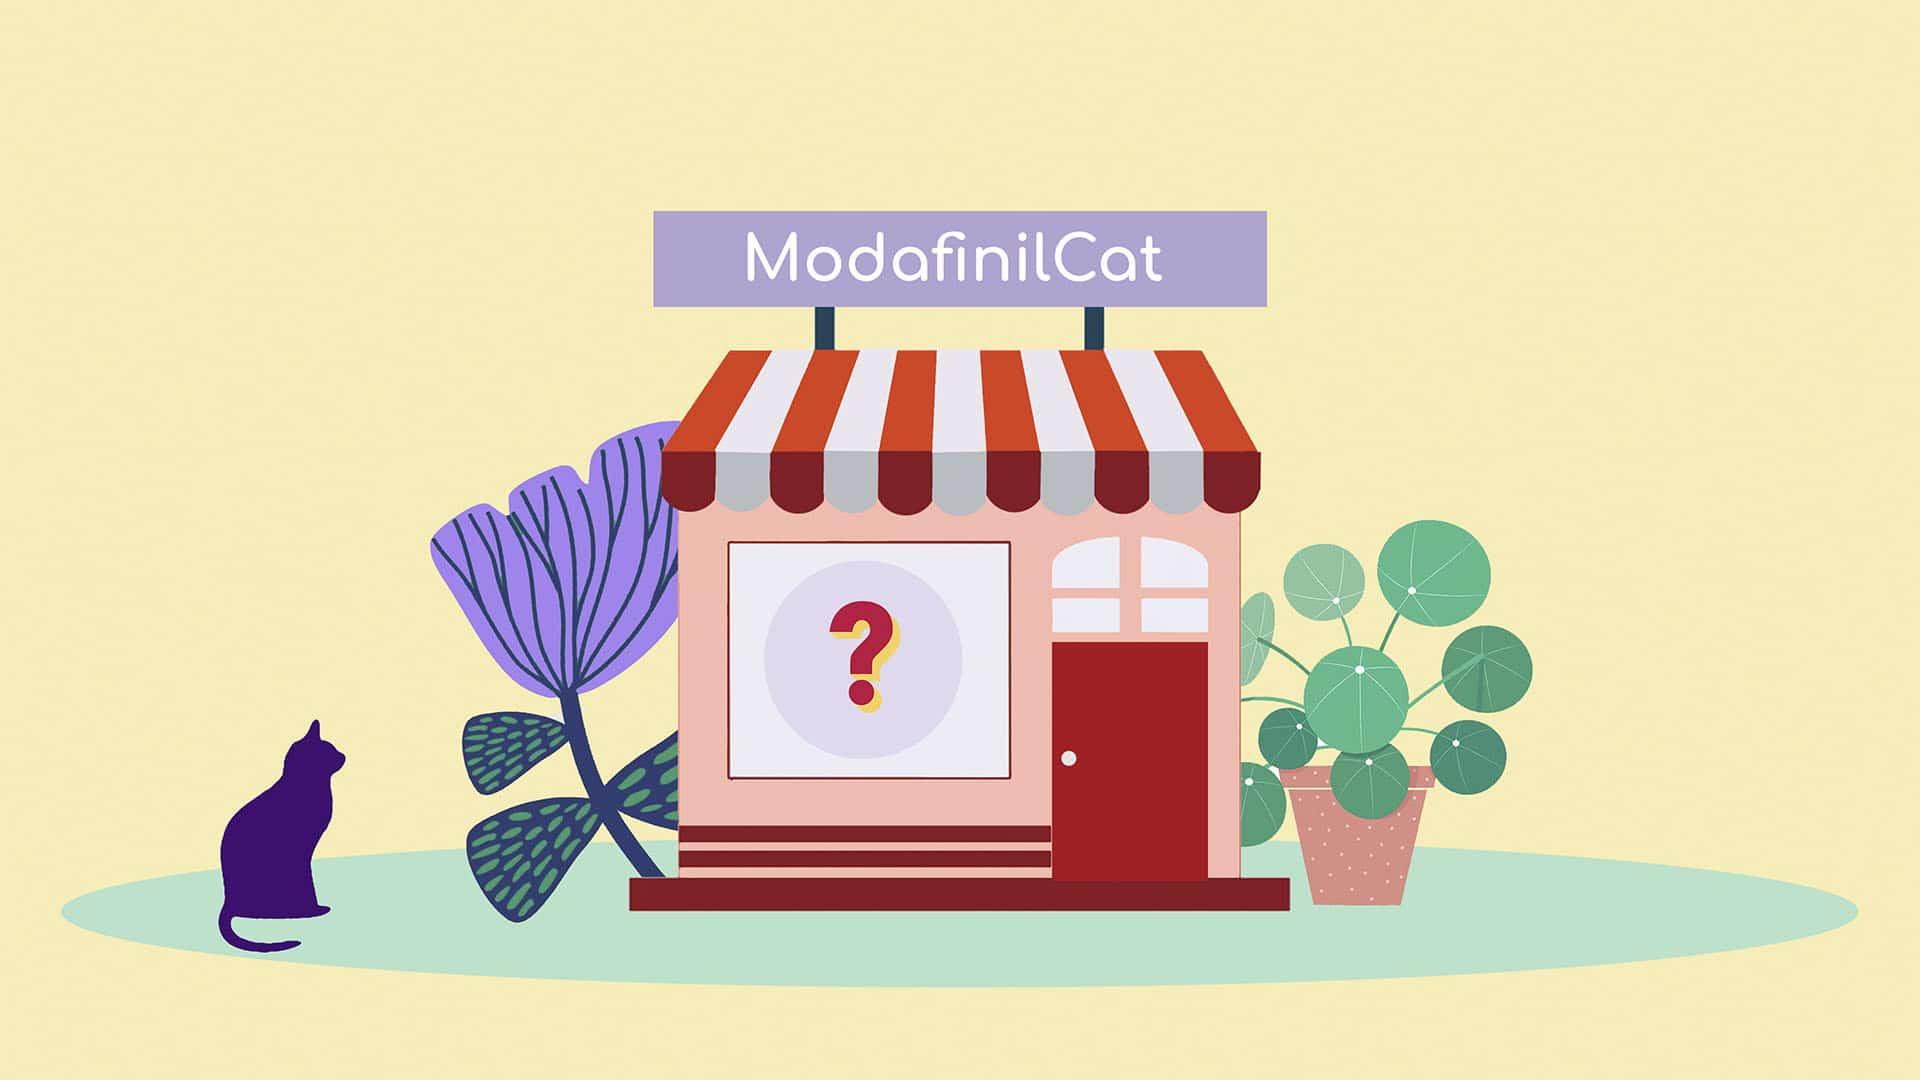 ModafinilCat